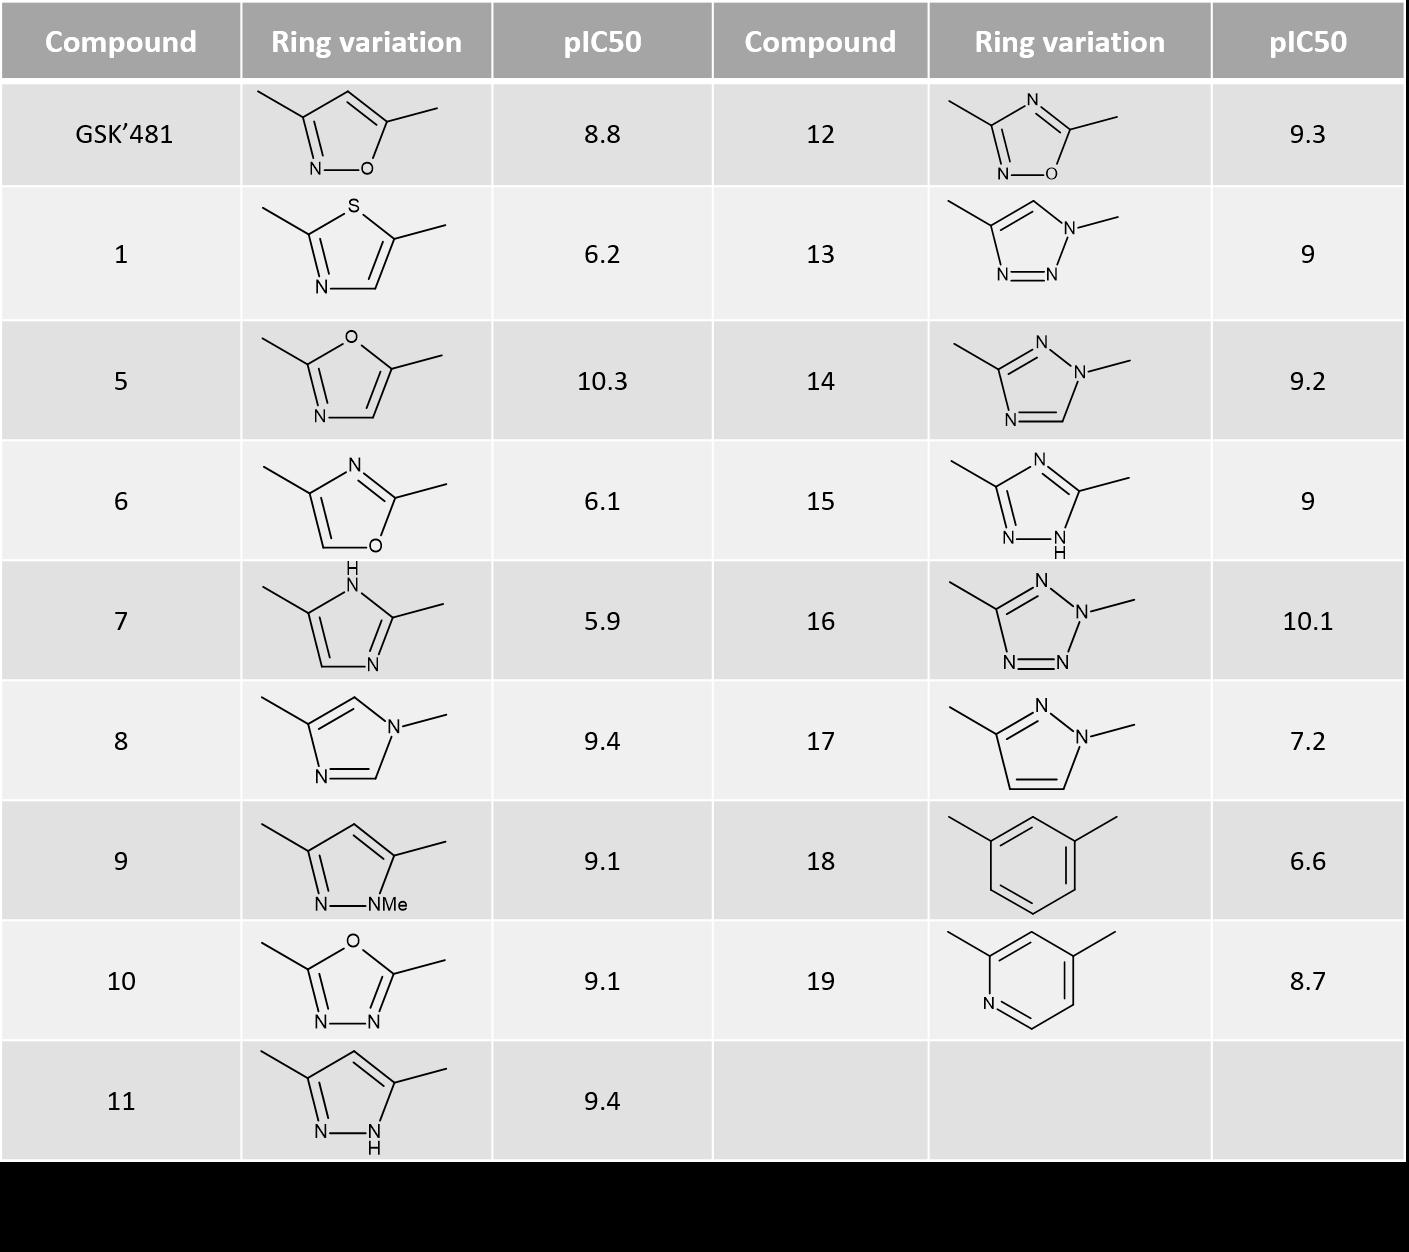 基于结构与配体的方法协同研究RIPK1抑制剂的SAR-墨灵格的博客